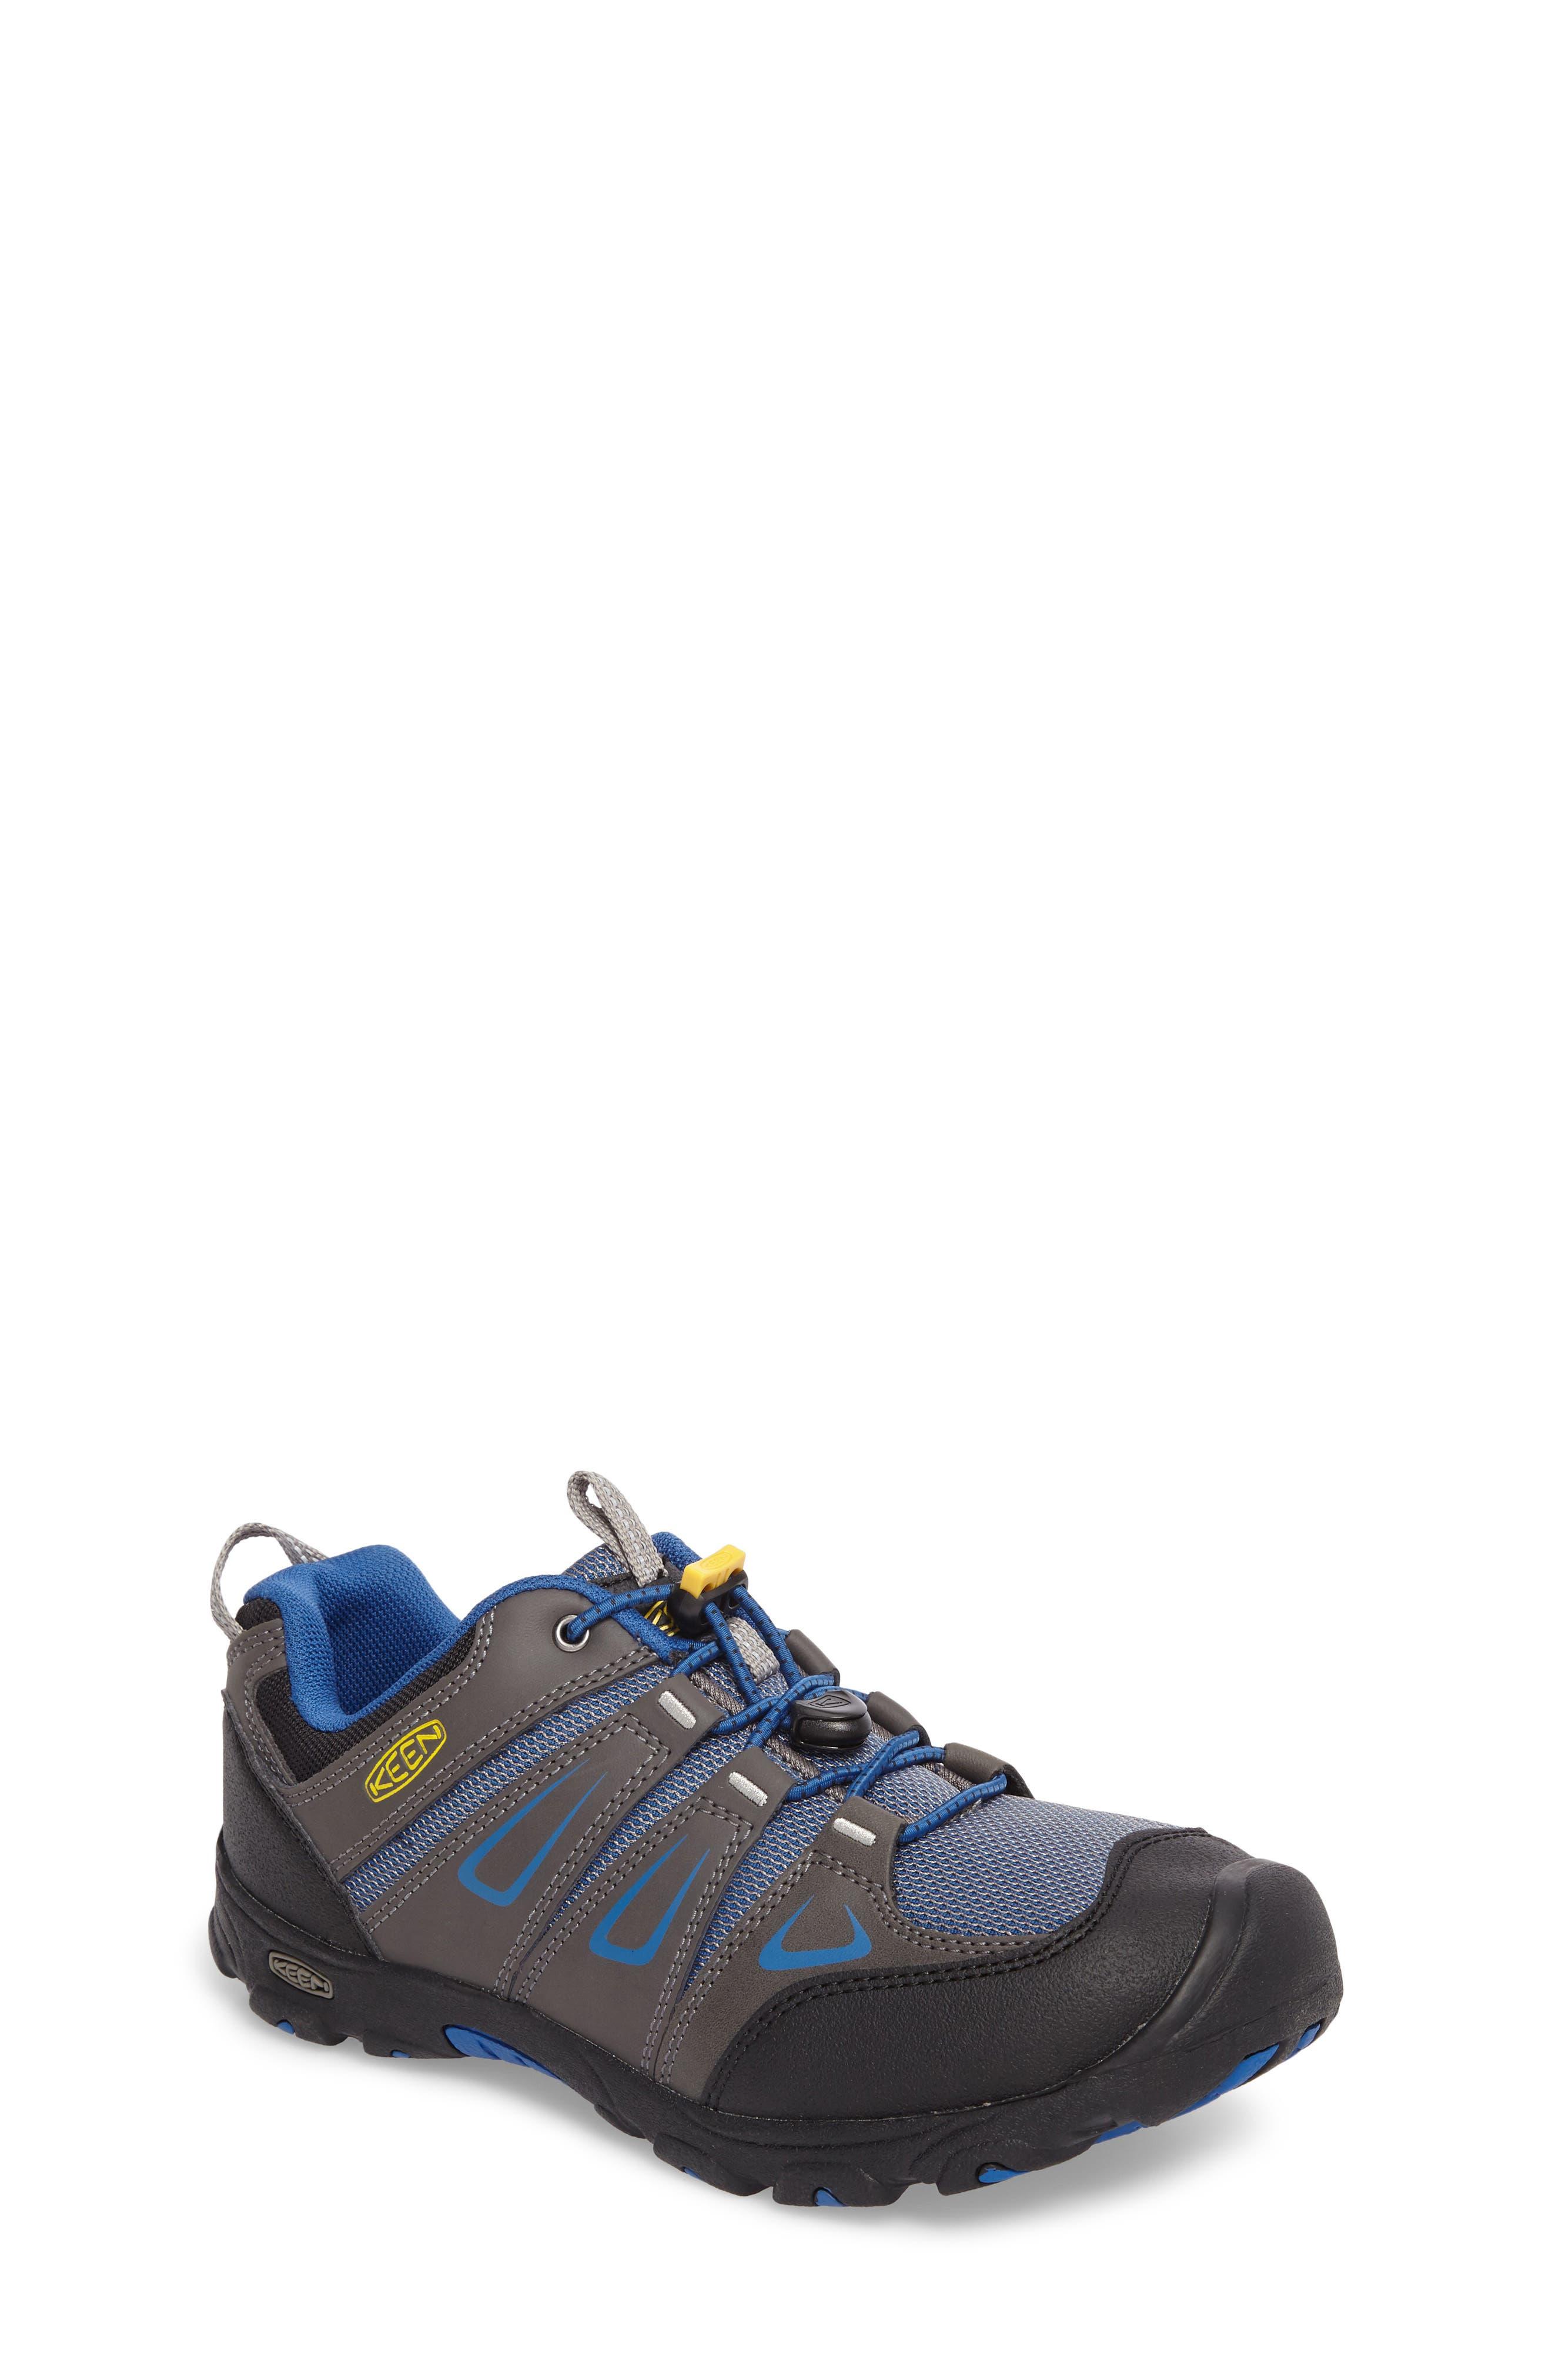 Oakridge Hiking Shoe,                             Main thumbnail 1, color,                             Magnet/ True Blue